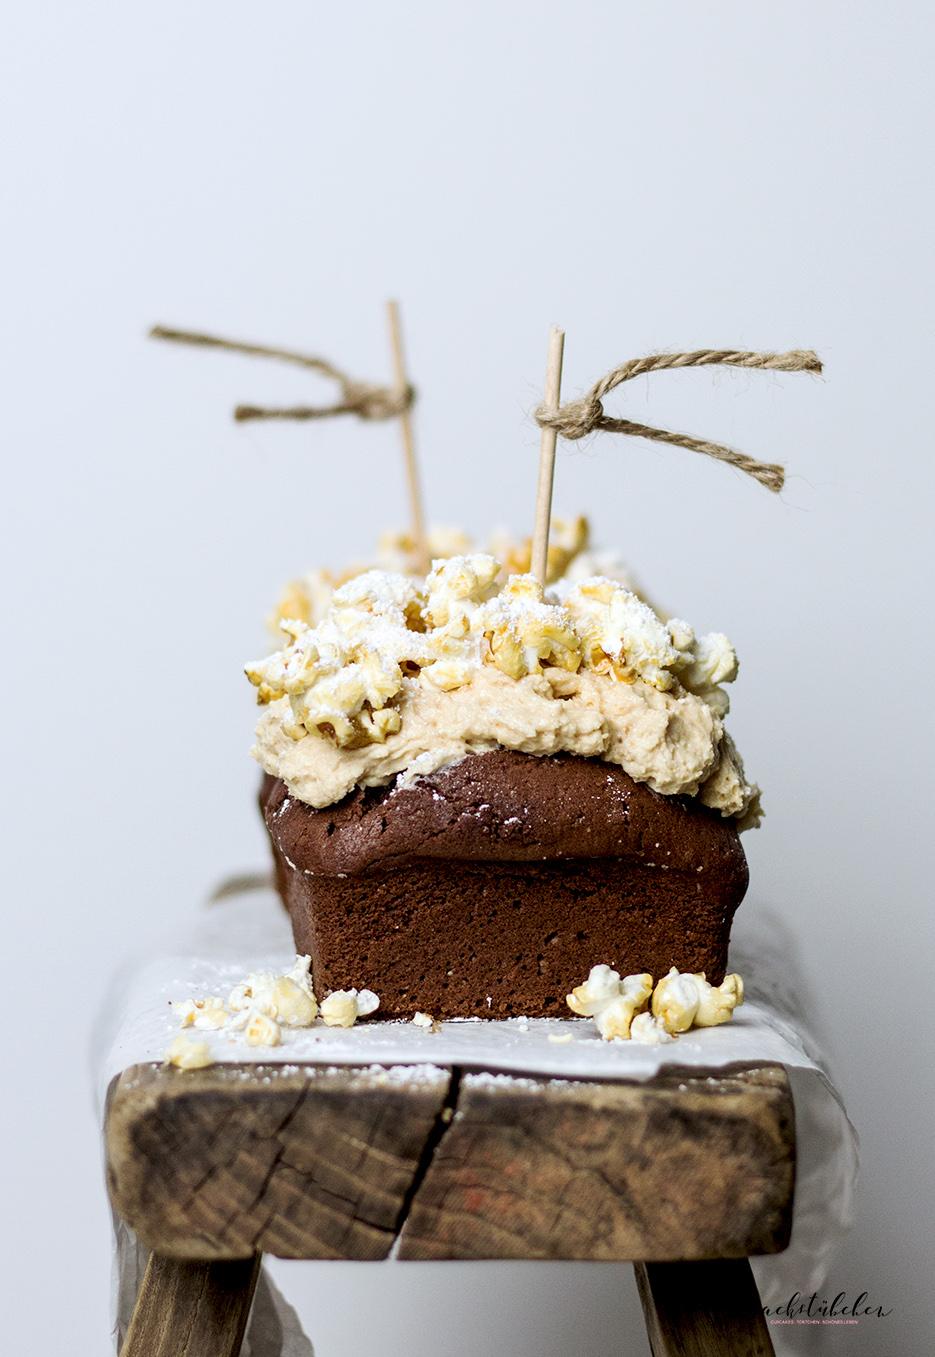 schokokuchen-mit-erdnuss-popcorn-topping2